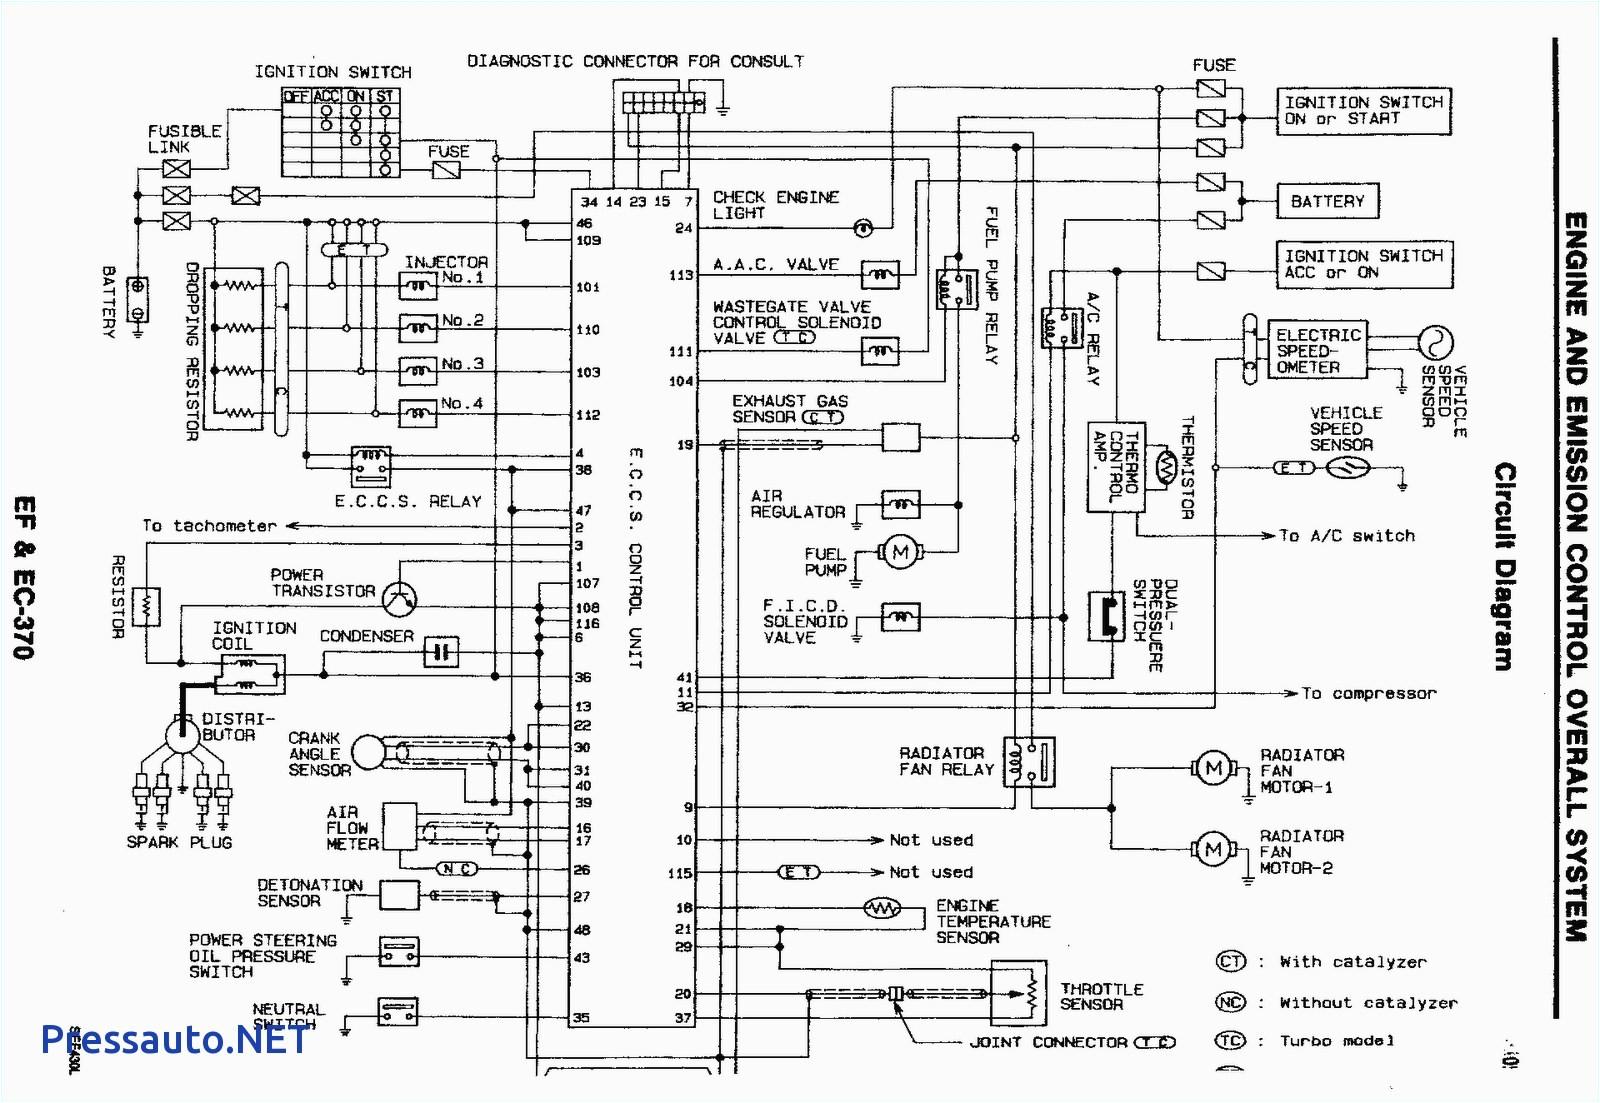 2000 beetle fuse diagram starter wiring 1999 fit u003d1600 2c1103 and vw in 1999 vw beetle wiring diagram within 1999 vw beetle wiring diagram jpg